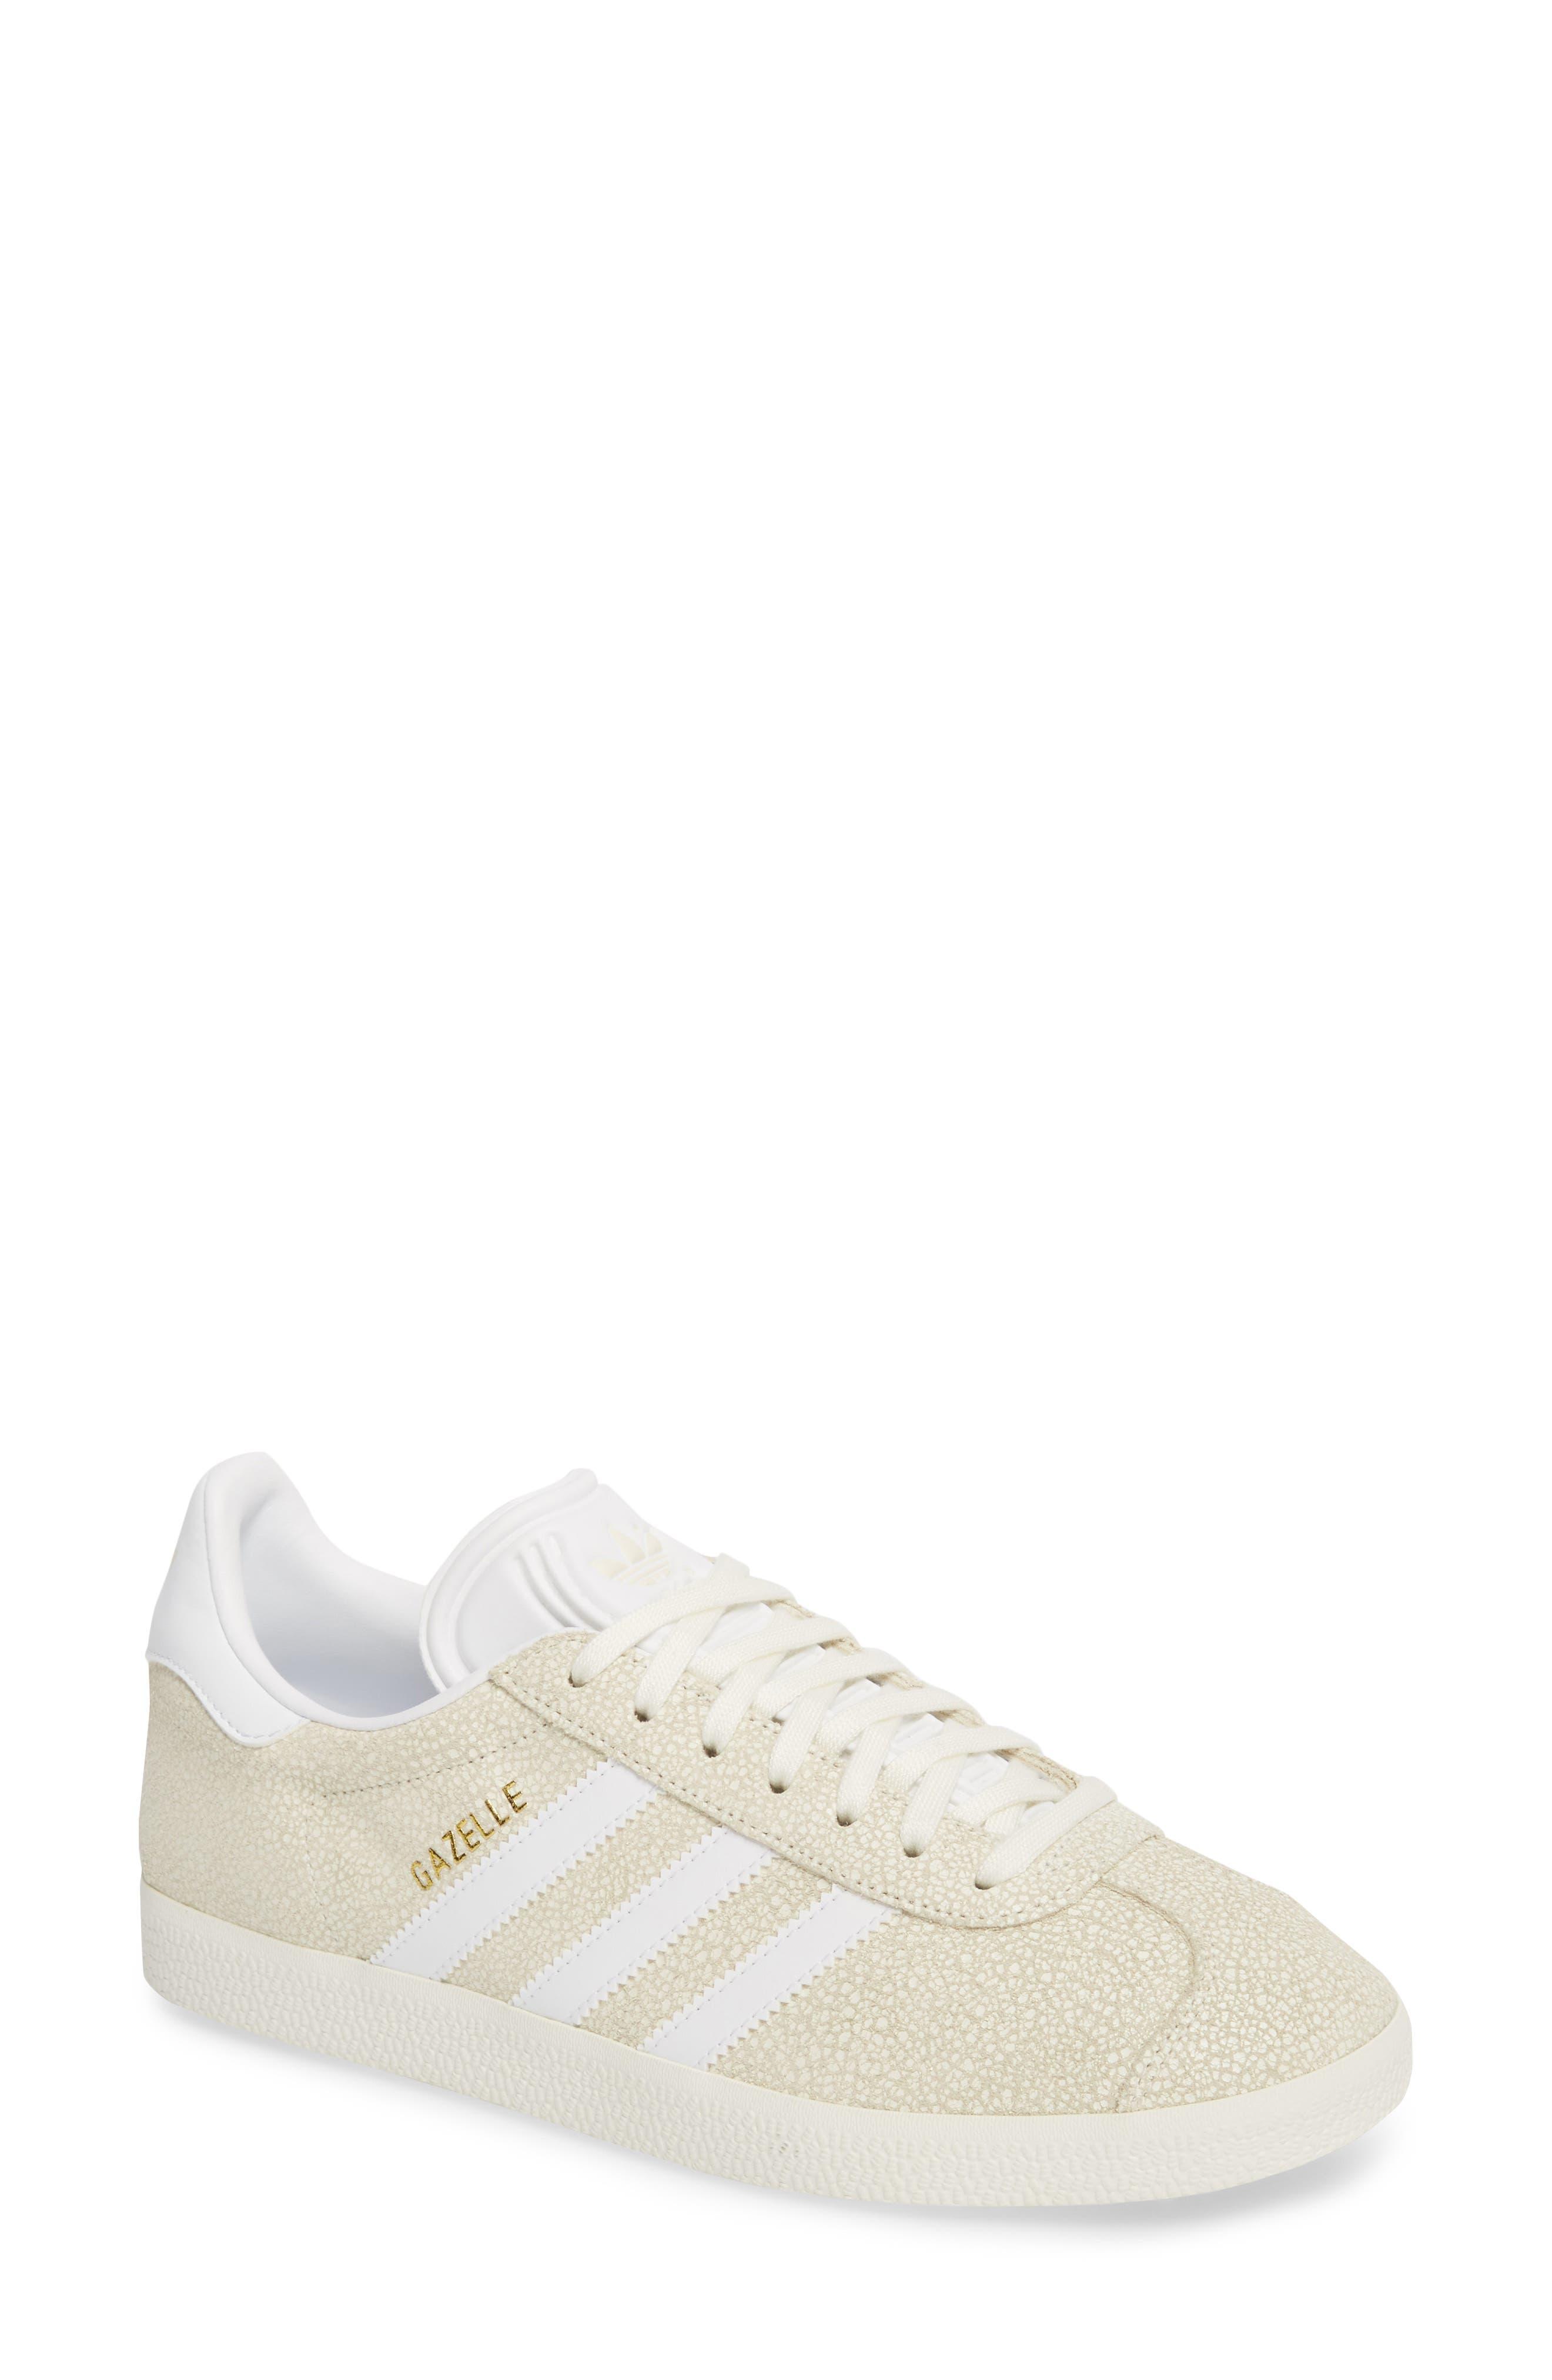 Gazelle Sneaker,                             Main thumbnail 1, color,                             OFF WHITE/ WHITE/ OFF WHITE